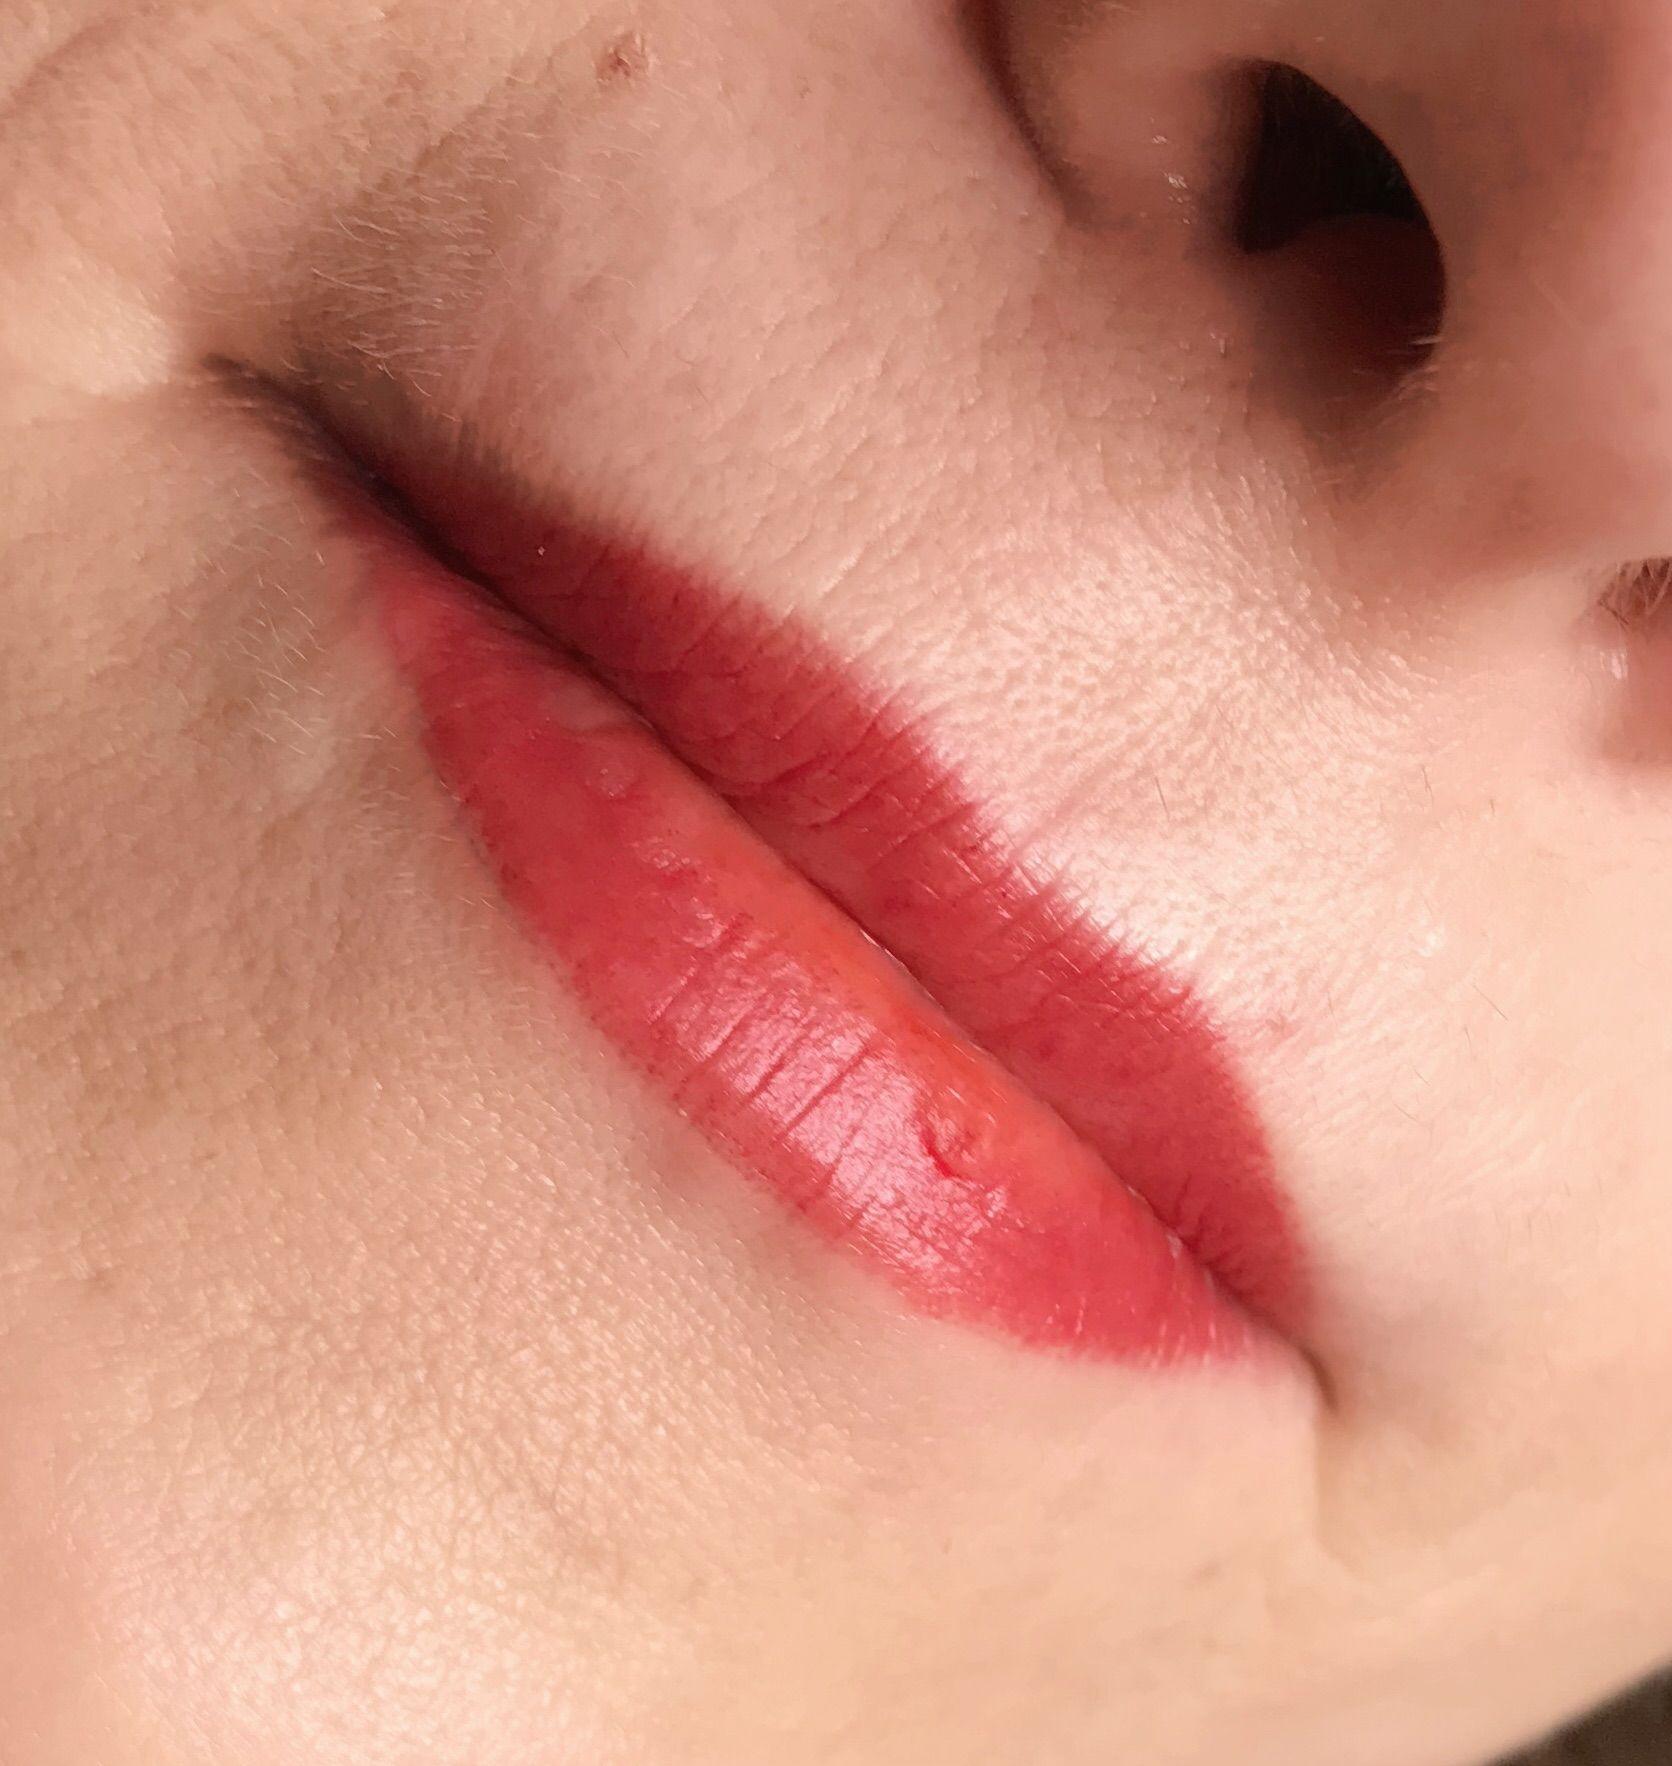 Red lip blush tattoo